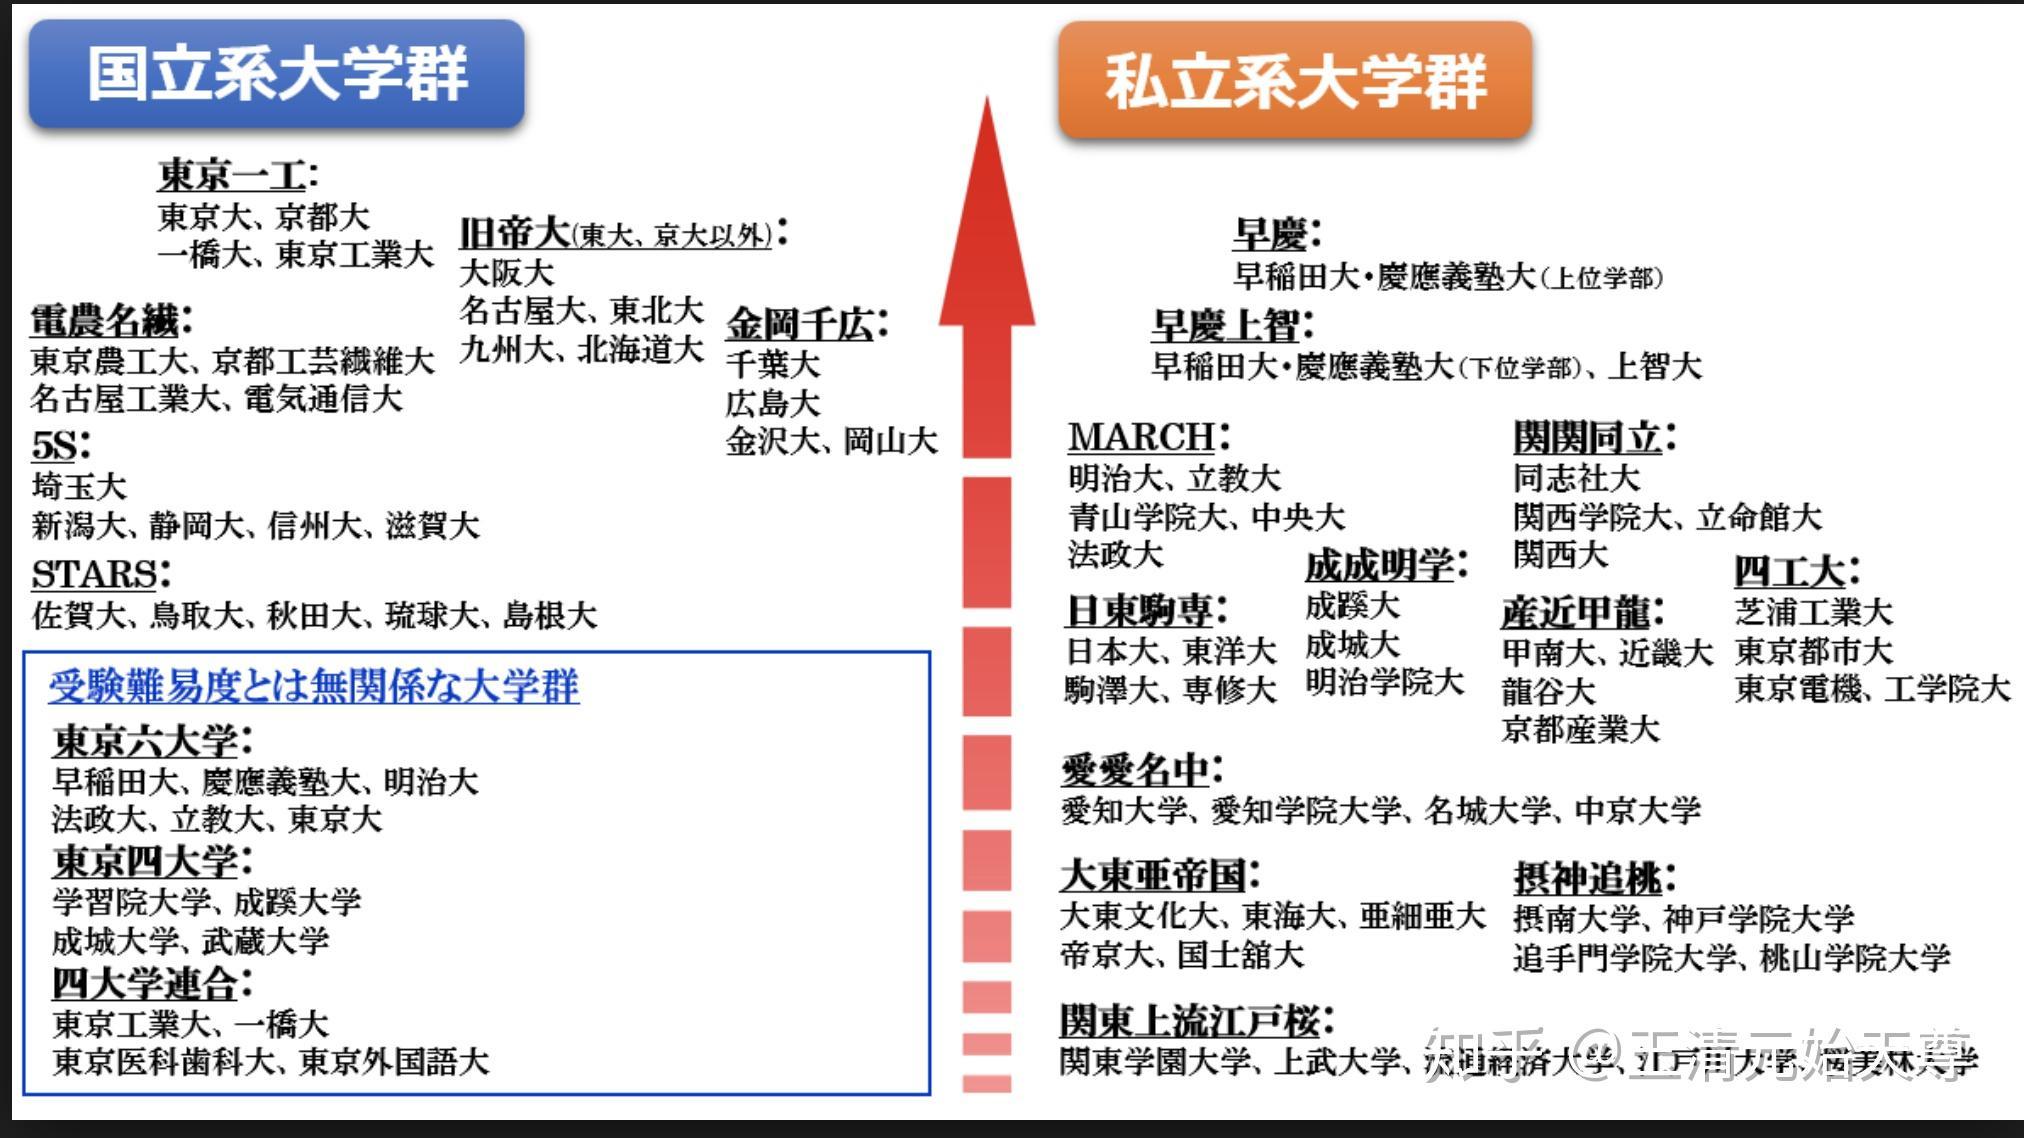 日本東海大學為何世界排名那么高?值得去讀嗎? - 知乎